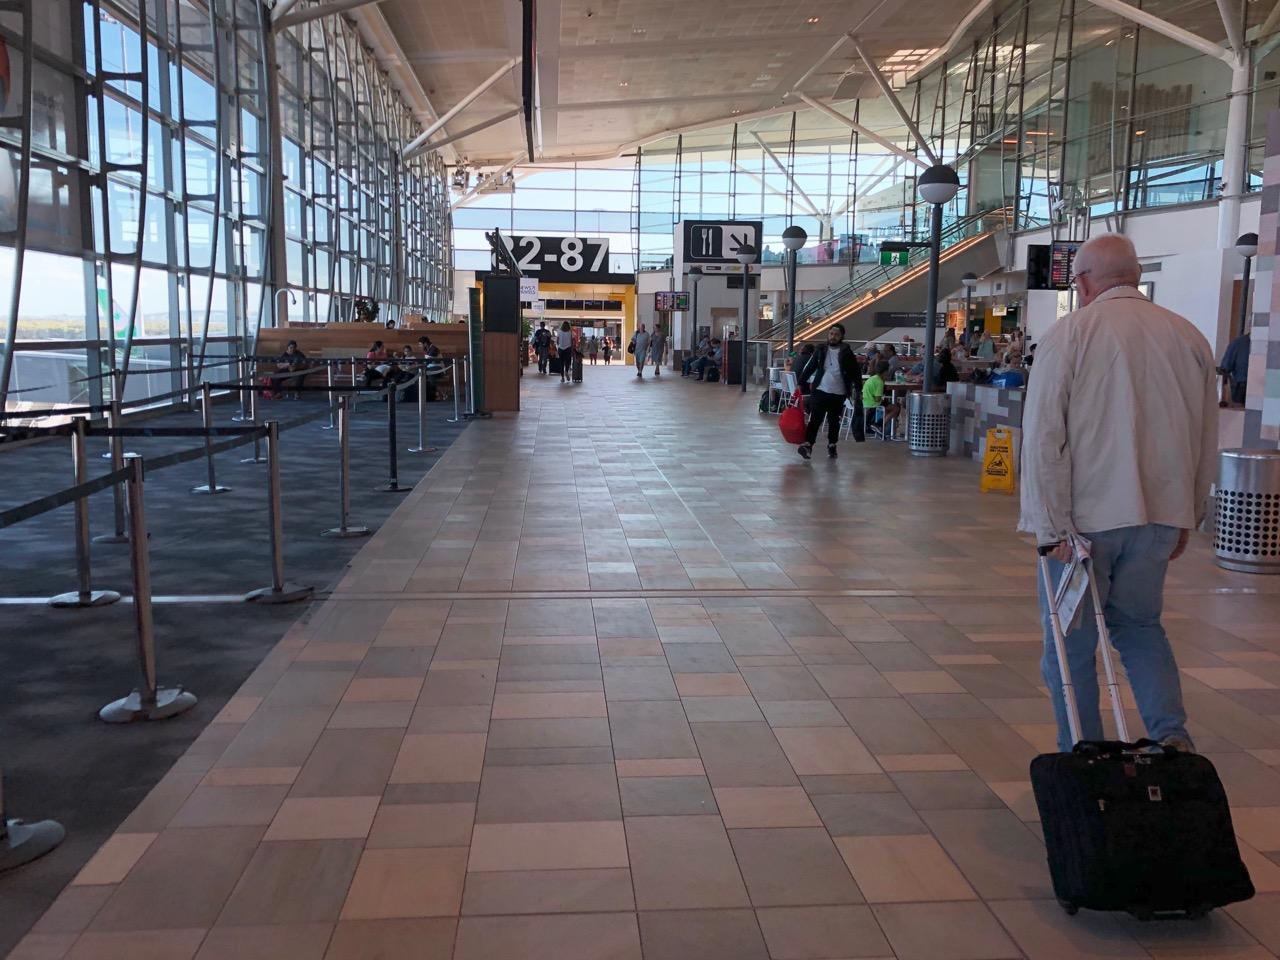 Qantas 789 Brisbane to LAX | SFO777